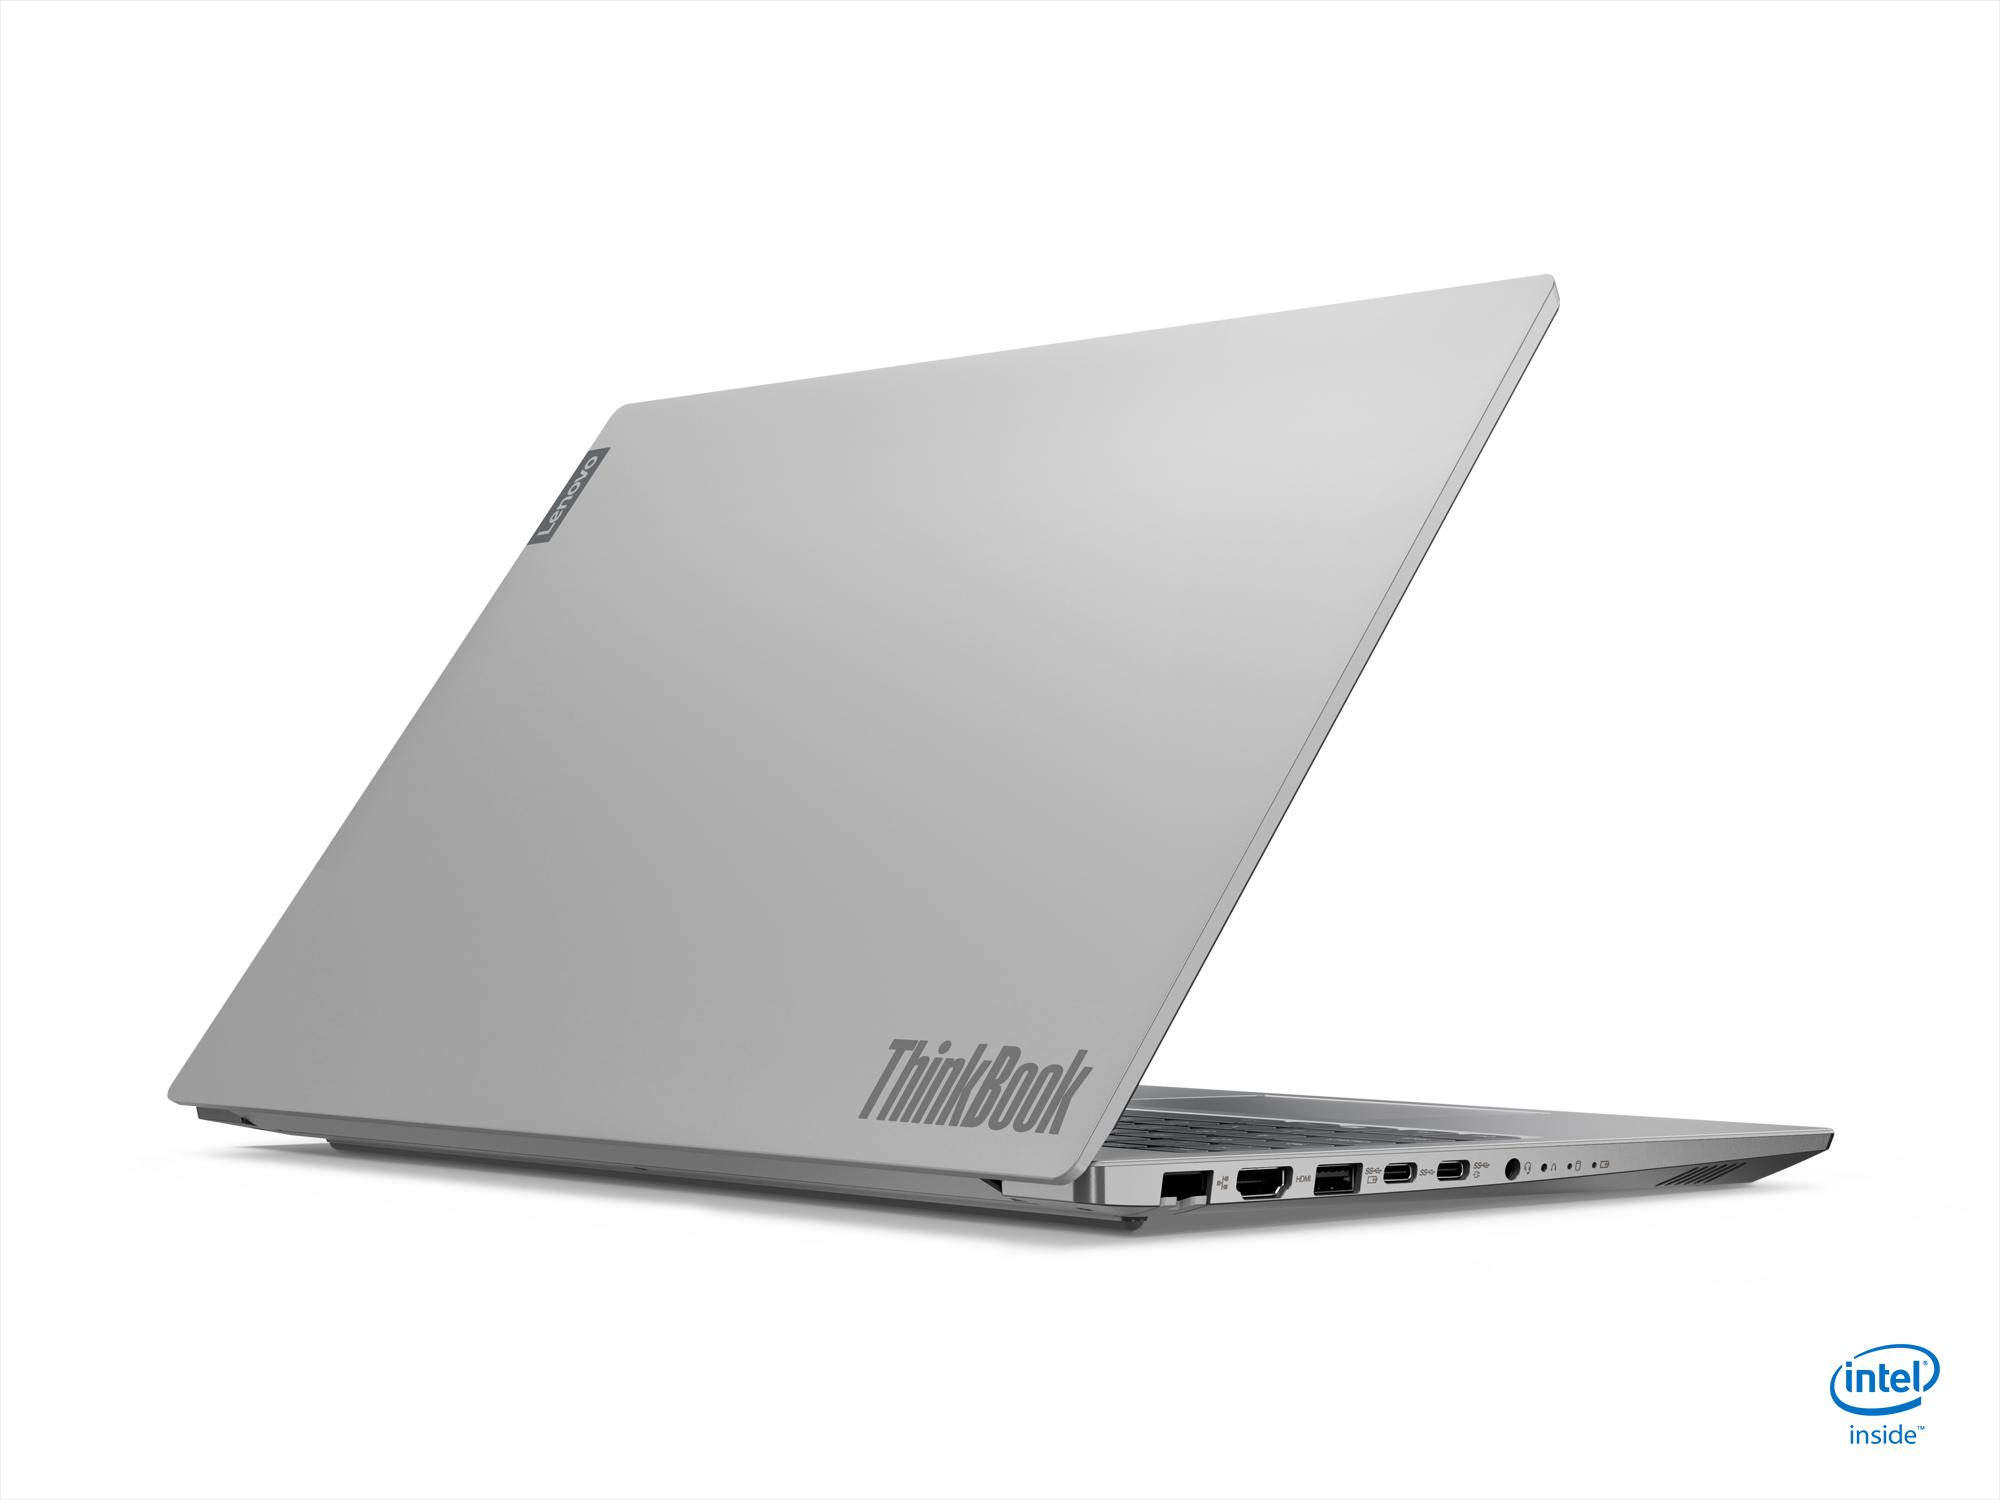 لينوفو تكشف عن أجهزة ThinkBook في الإمارات